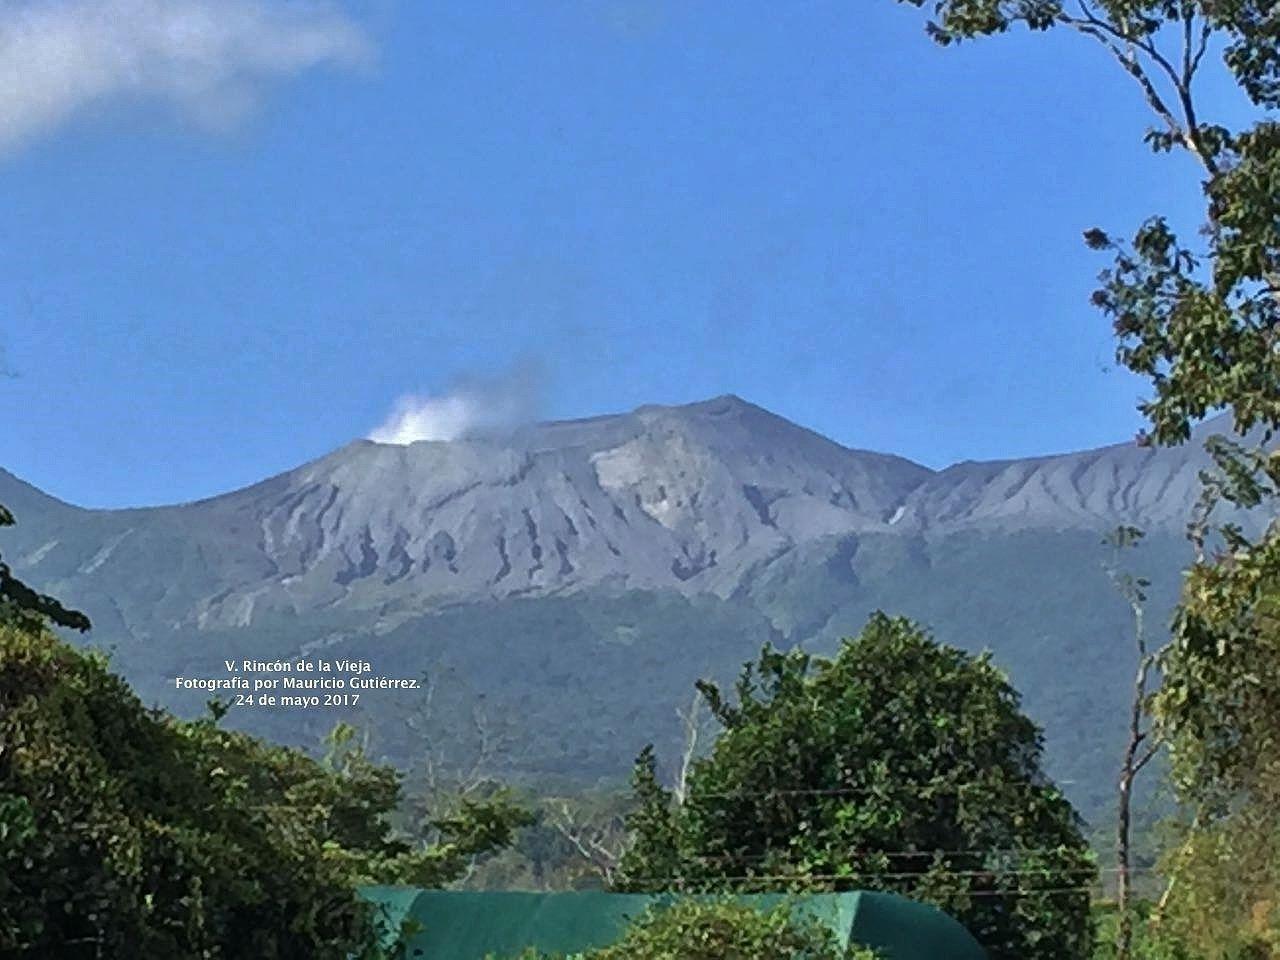 Volcan Rincón de la Vieja. - Fotografía by Mauricio Gutiérrez desde Blue River Resort./ 24.05.2017